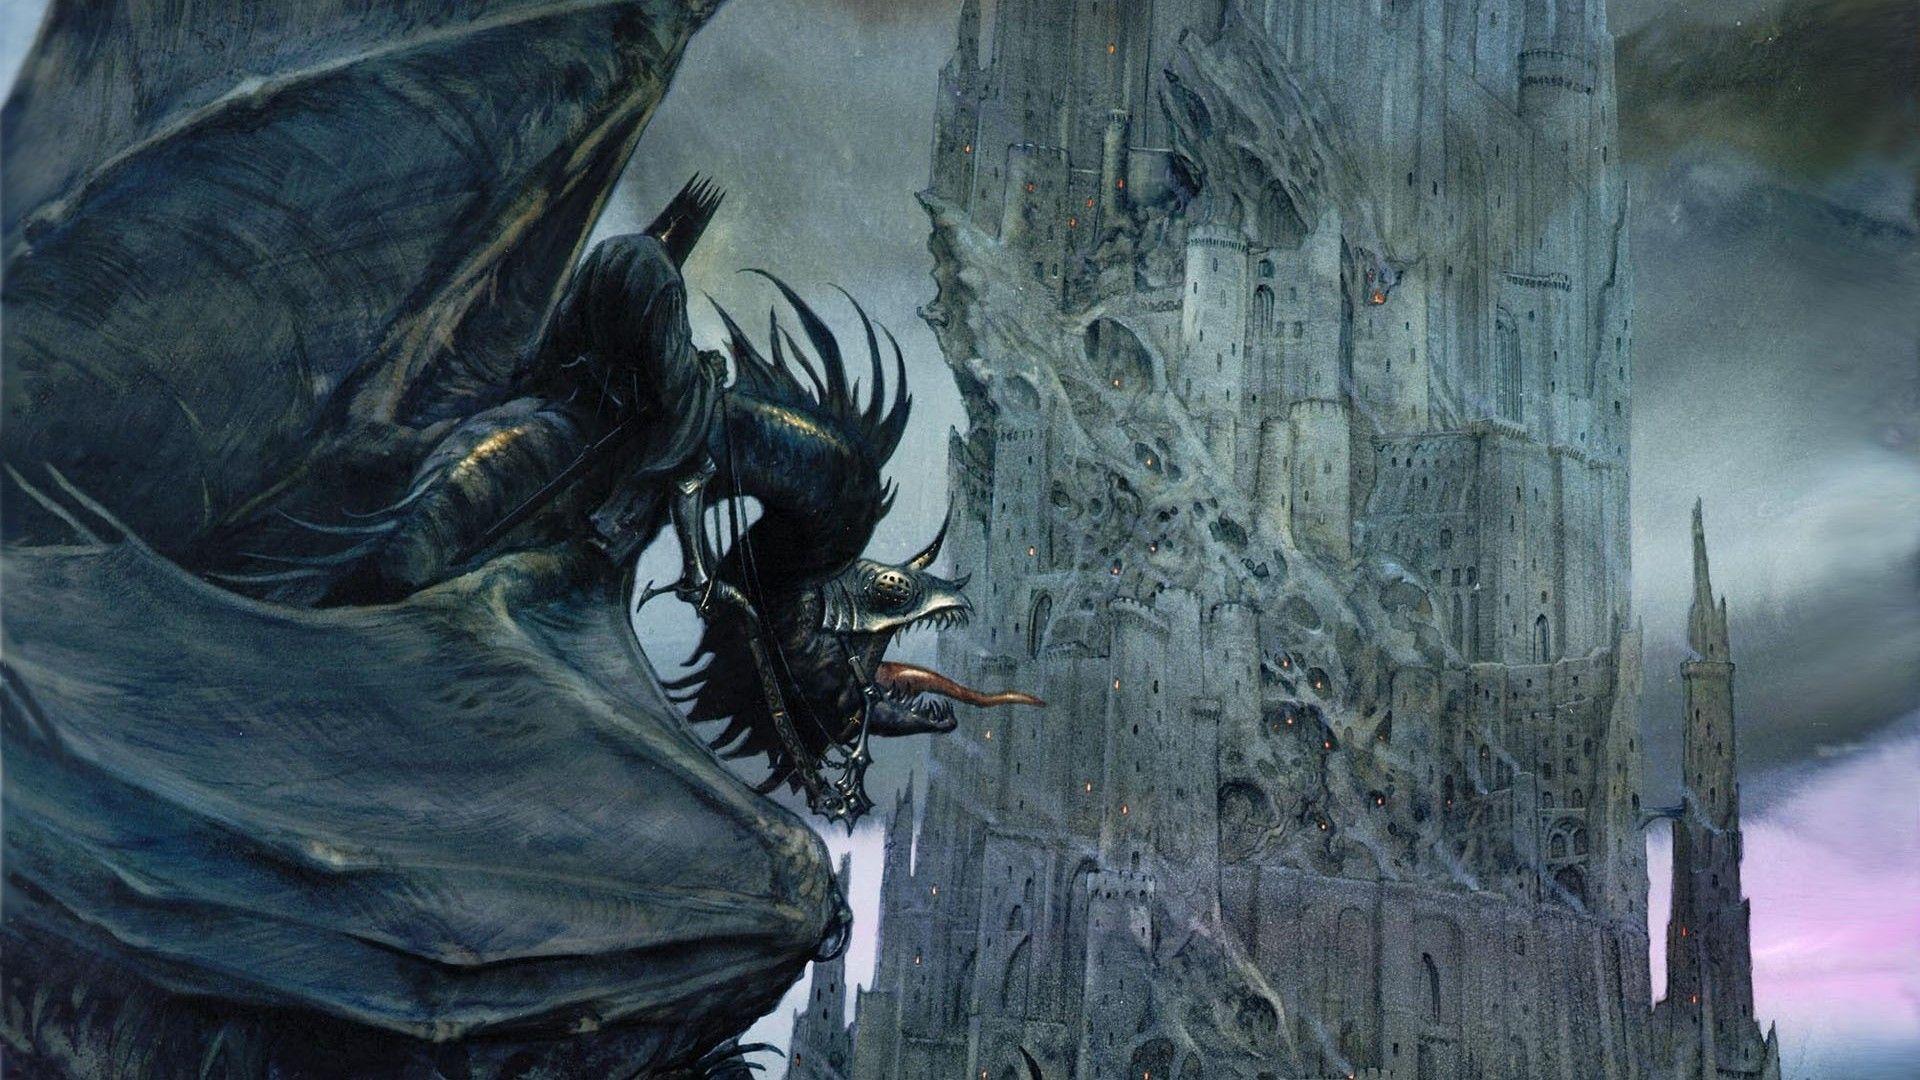 Pin By Jorrie Bolton On Cenarios In 2020 Dragon Illustration Digital Art Fantasy Fantasy Art